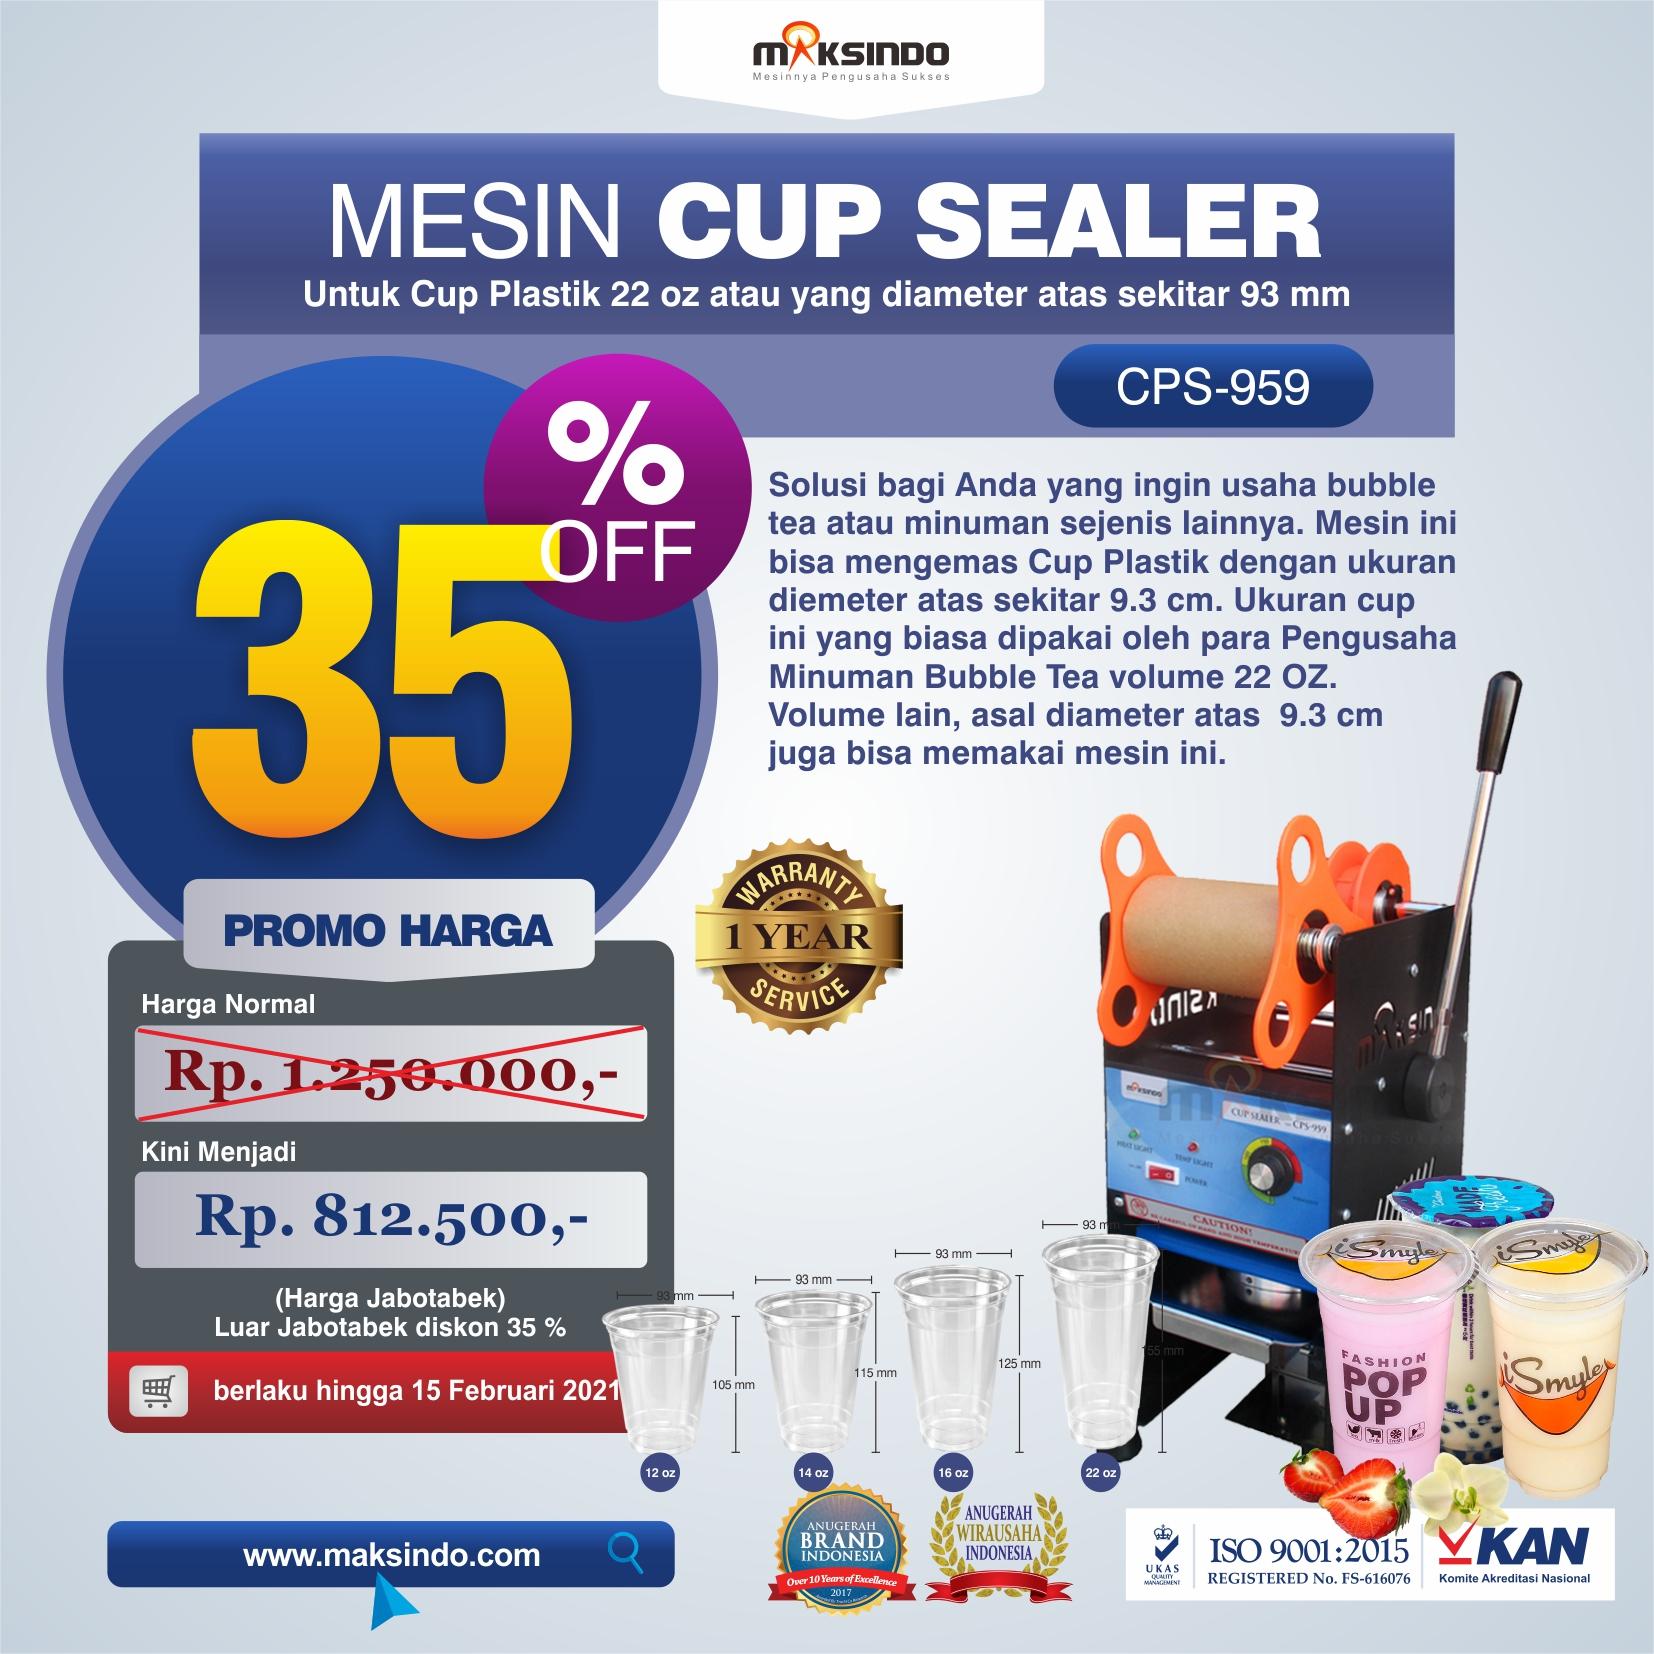 Jual Mesin Cup Sealer CPS-959 di Solo